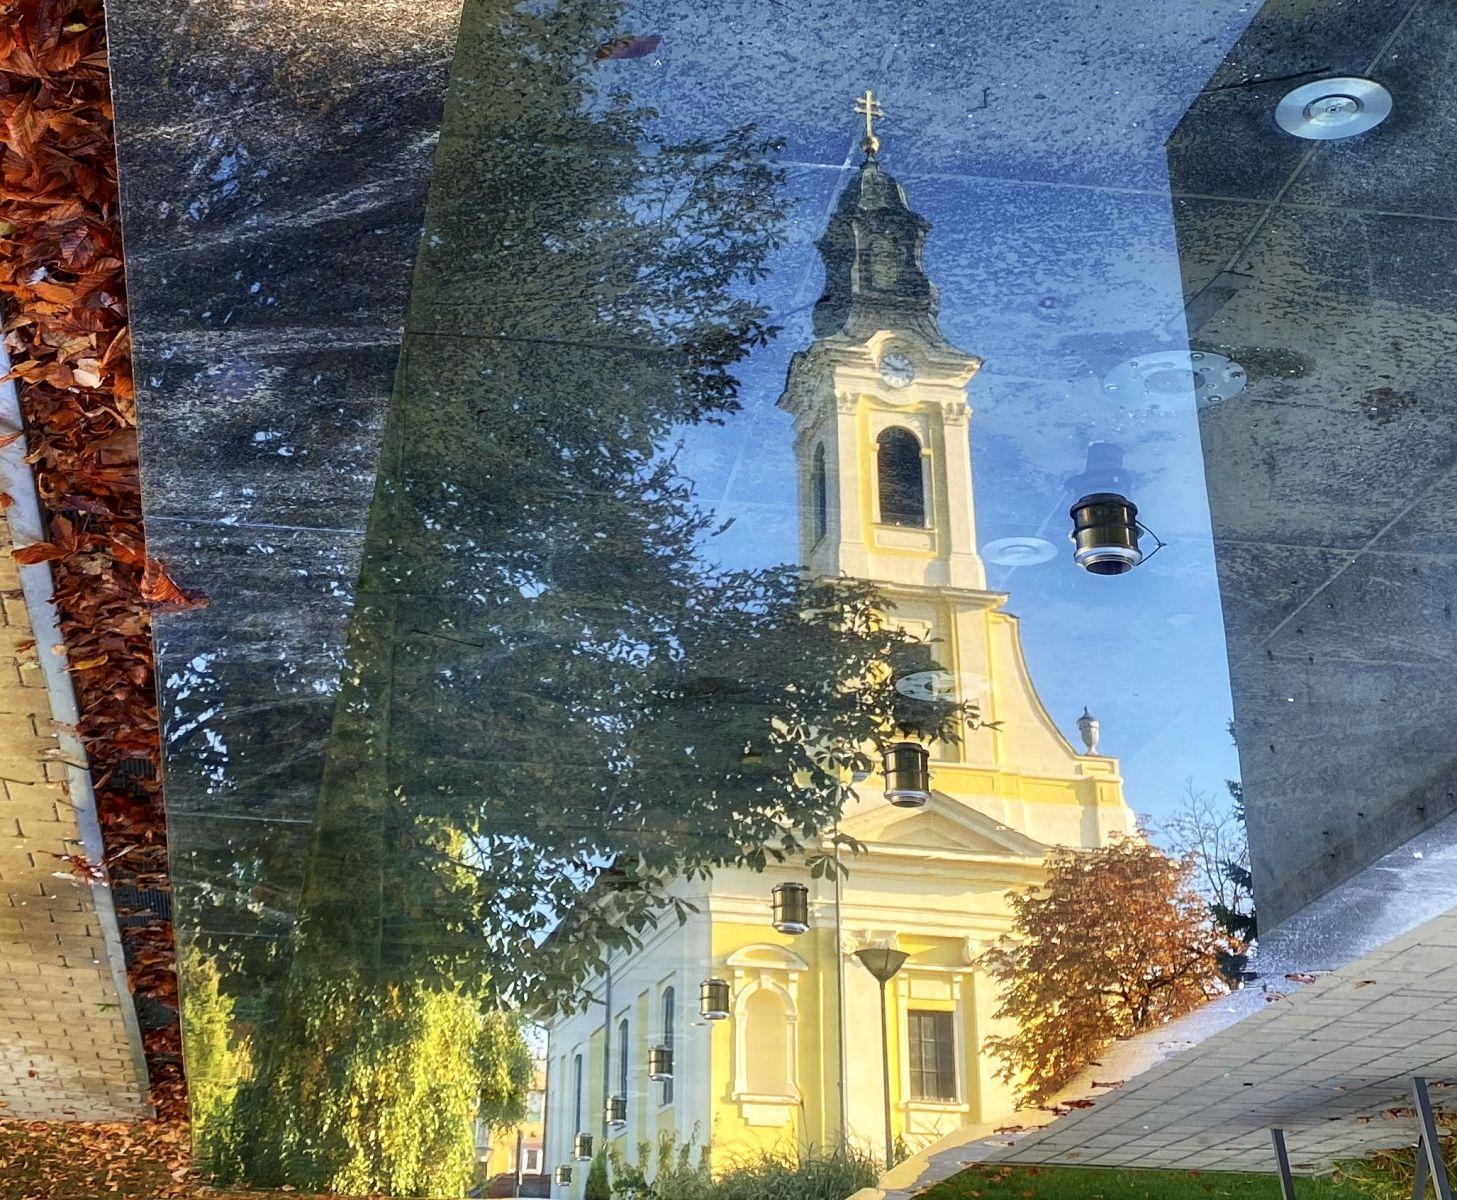 A hónap képe: A szökőkút víztükrében - Készítette: Opovszki Lívia